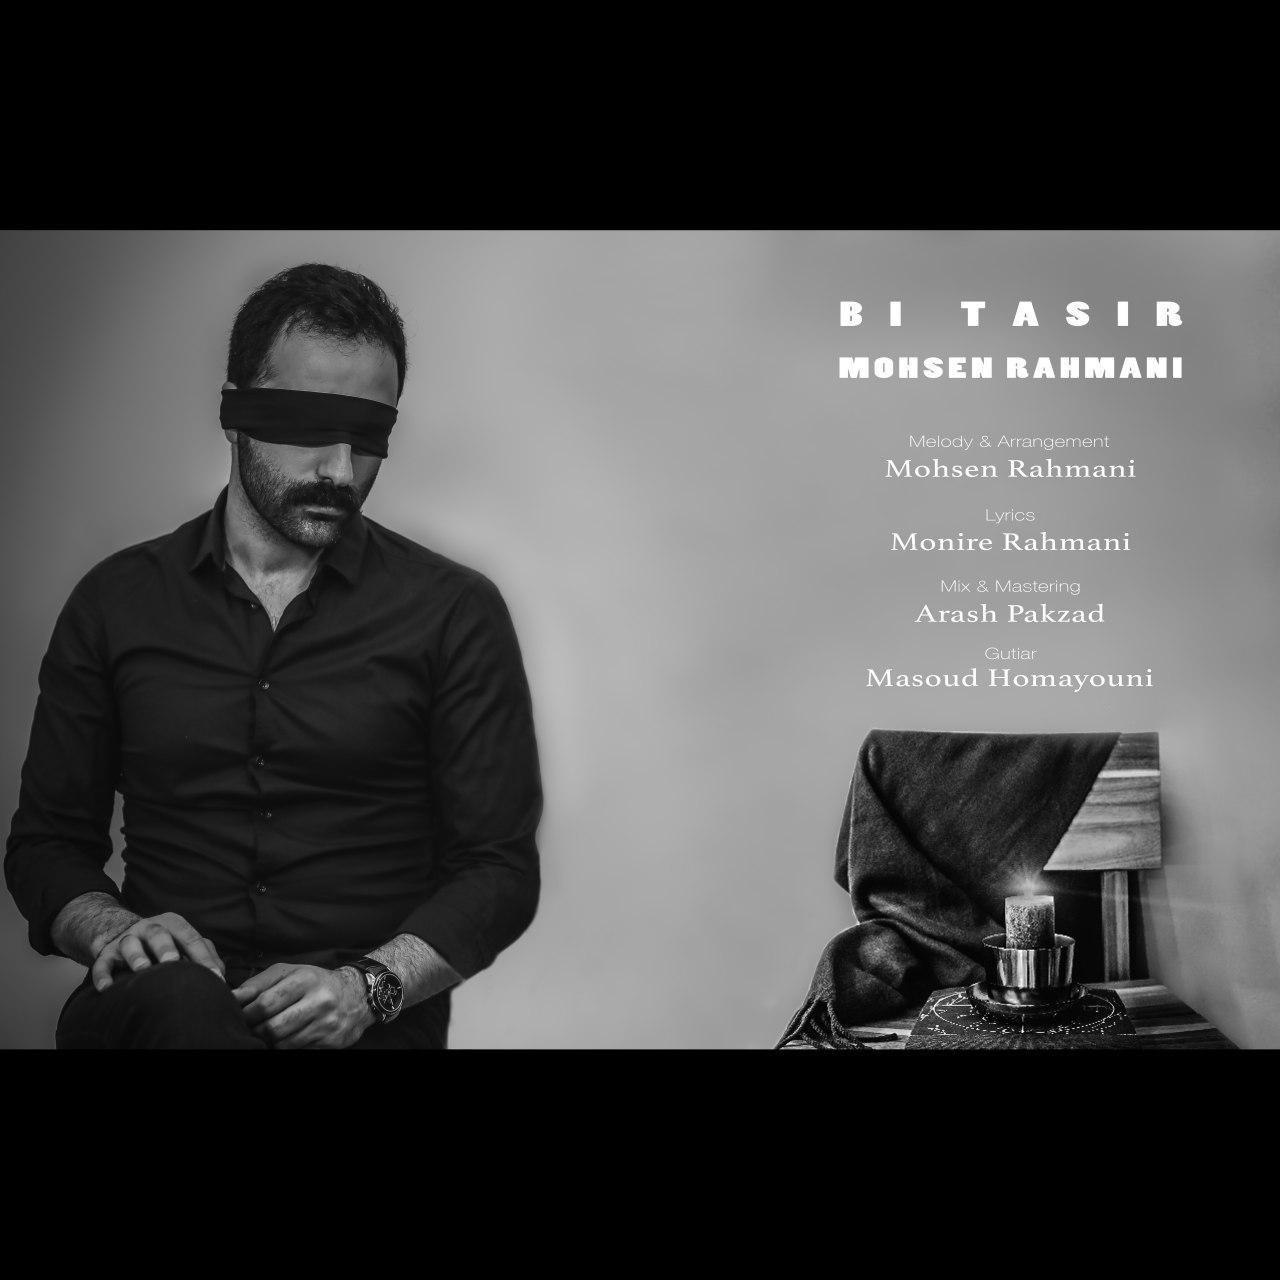 Mohsen Rahmani – Bi Tasir